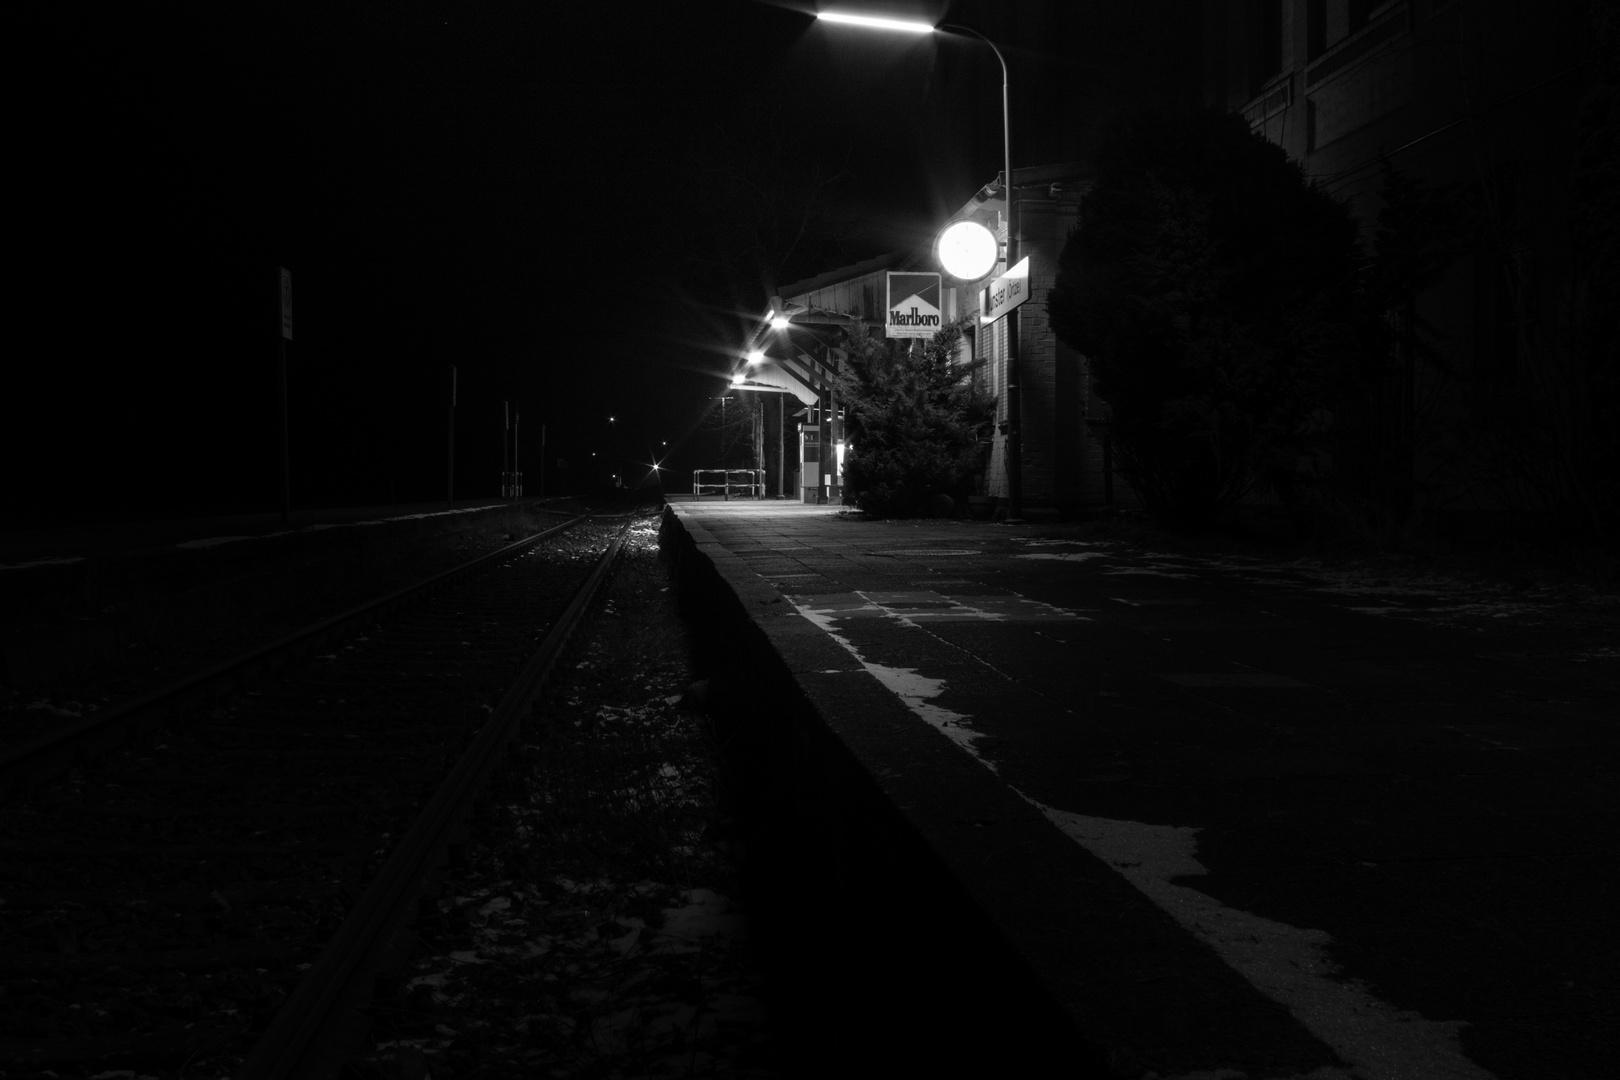 Bahnhof Munster bei Nacht - 01